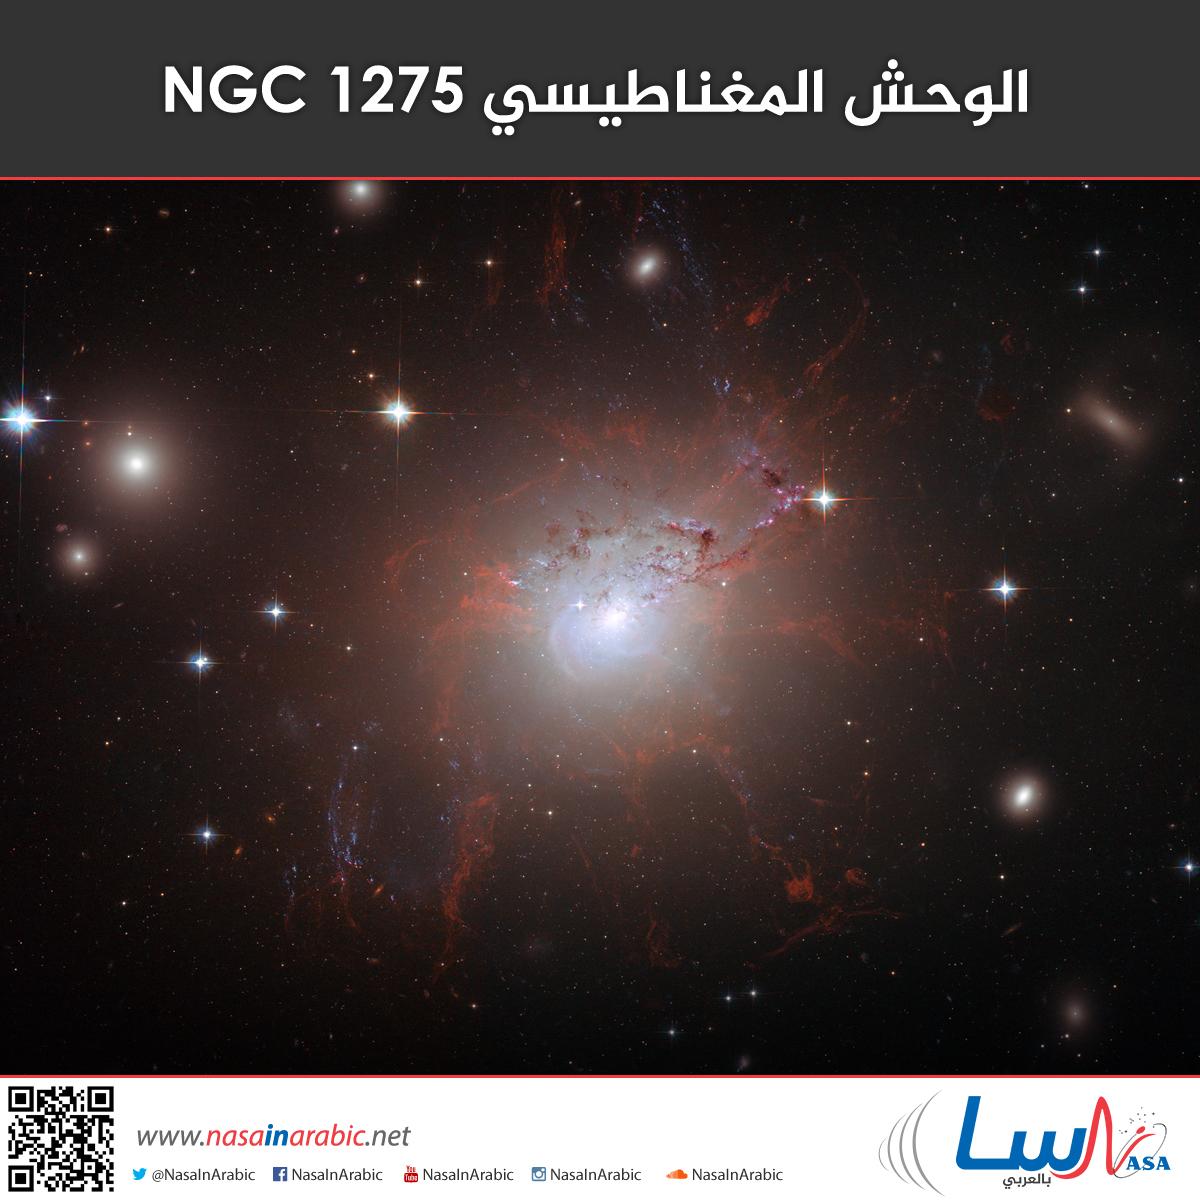 الوحش المغناطيسي NGC 1275